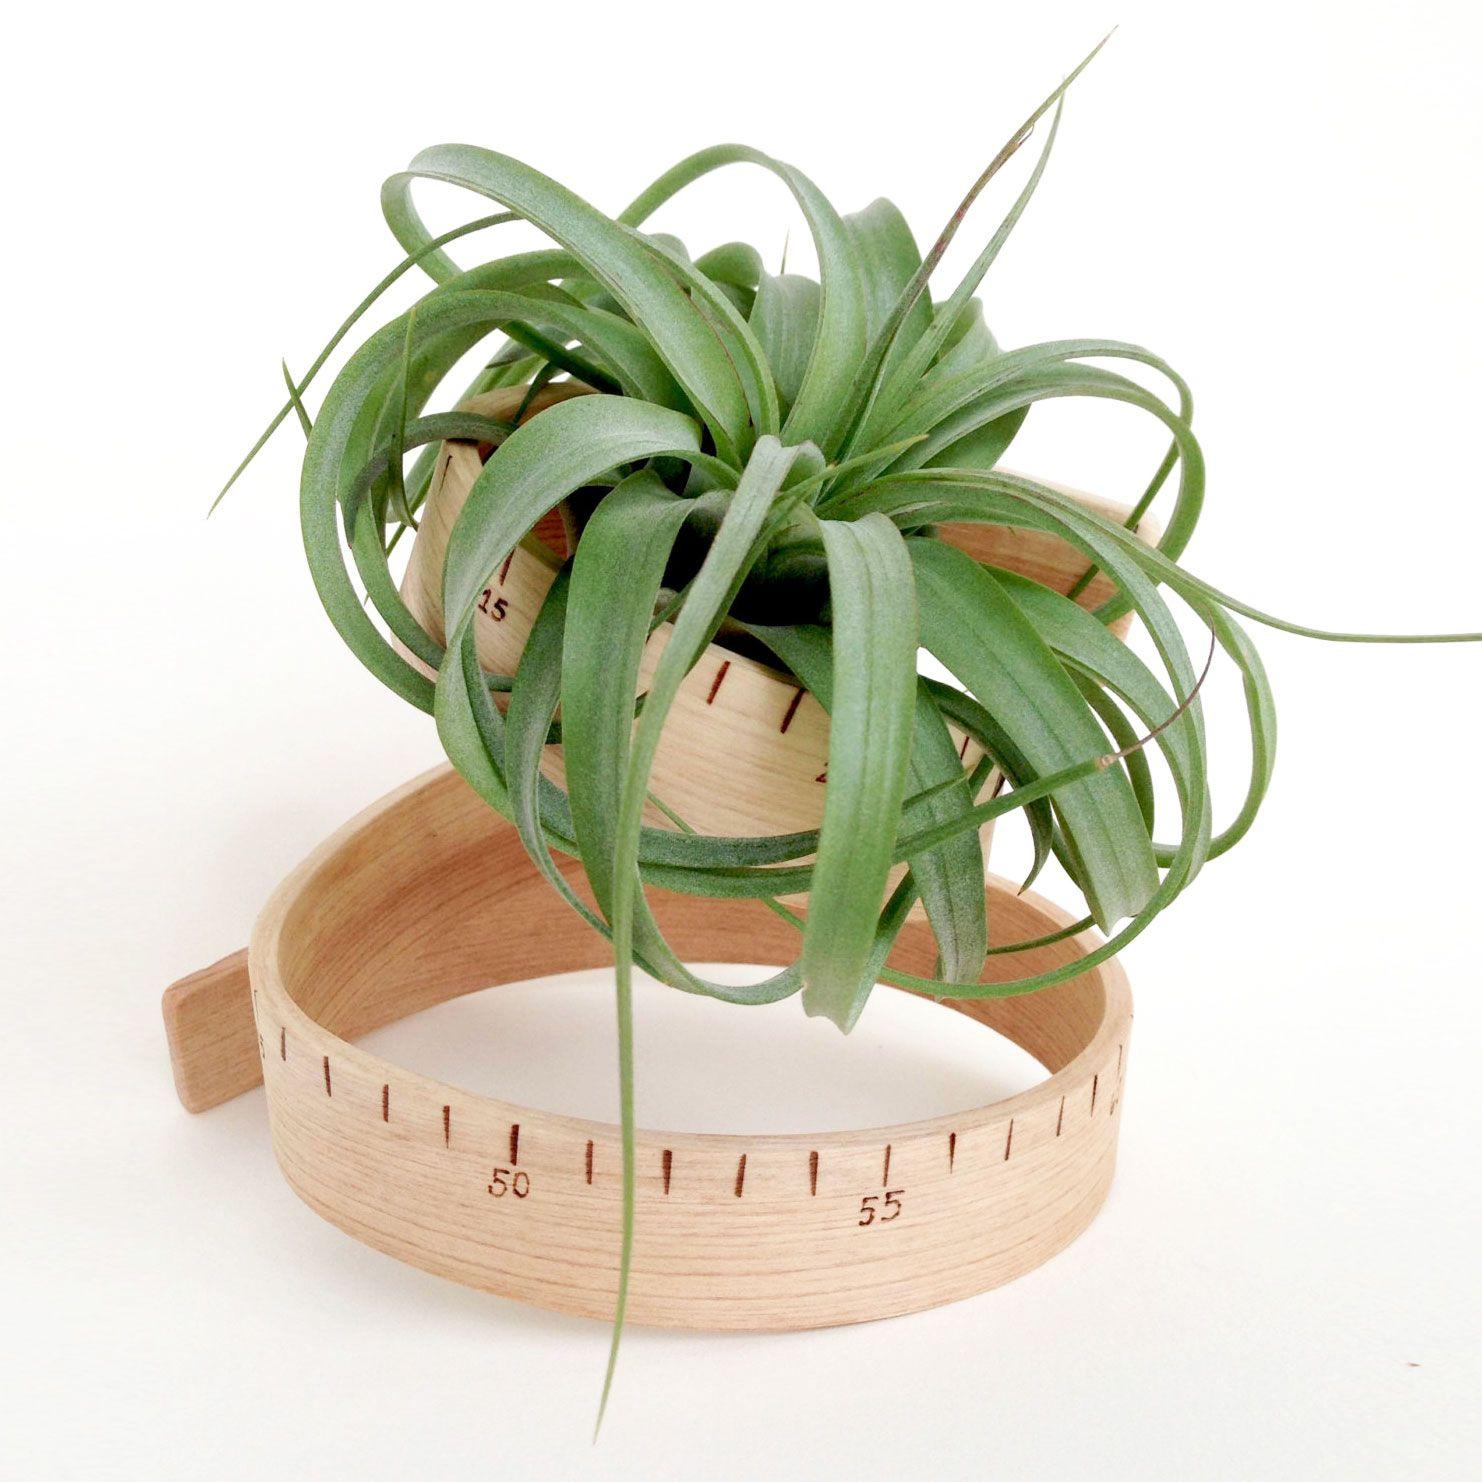 DIY inspiration-Bent Ruler Plant Bed